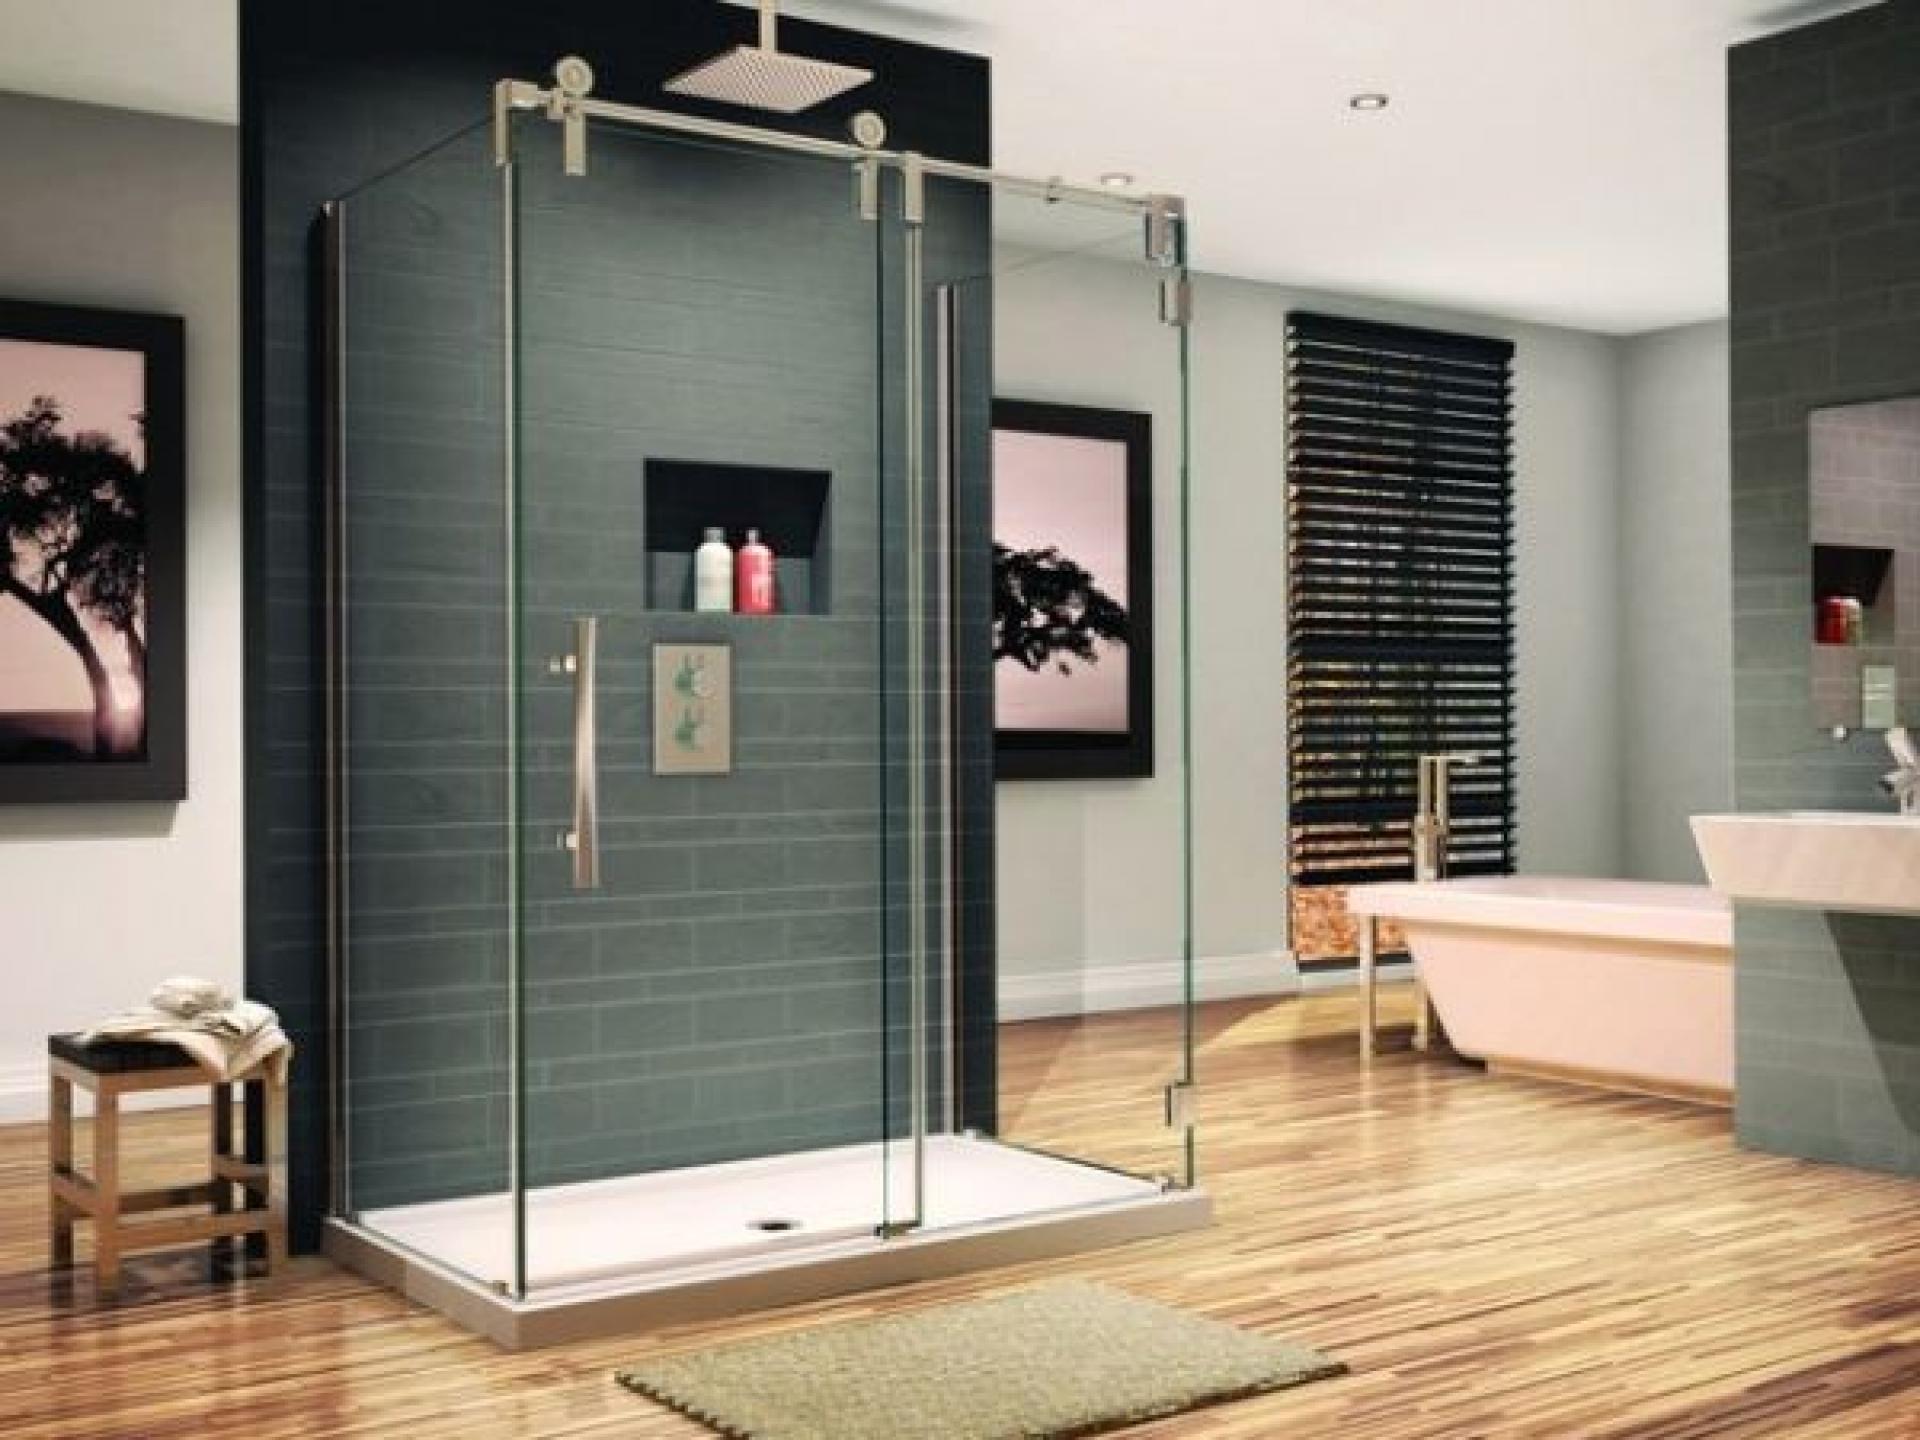 ducha de diseño para decorar el baño